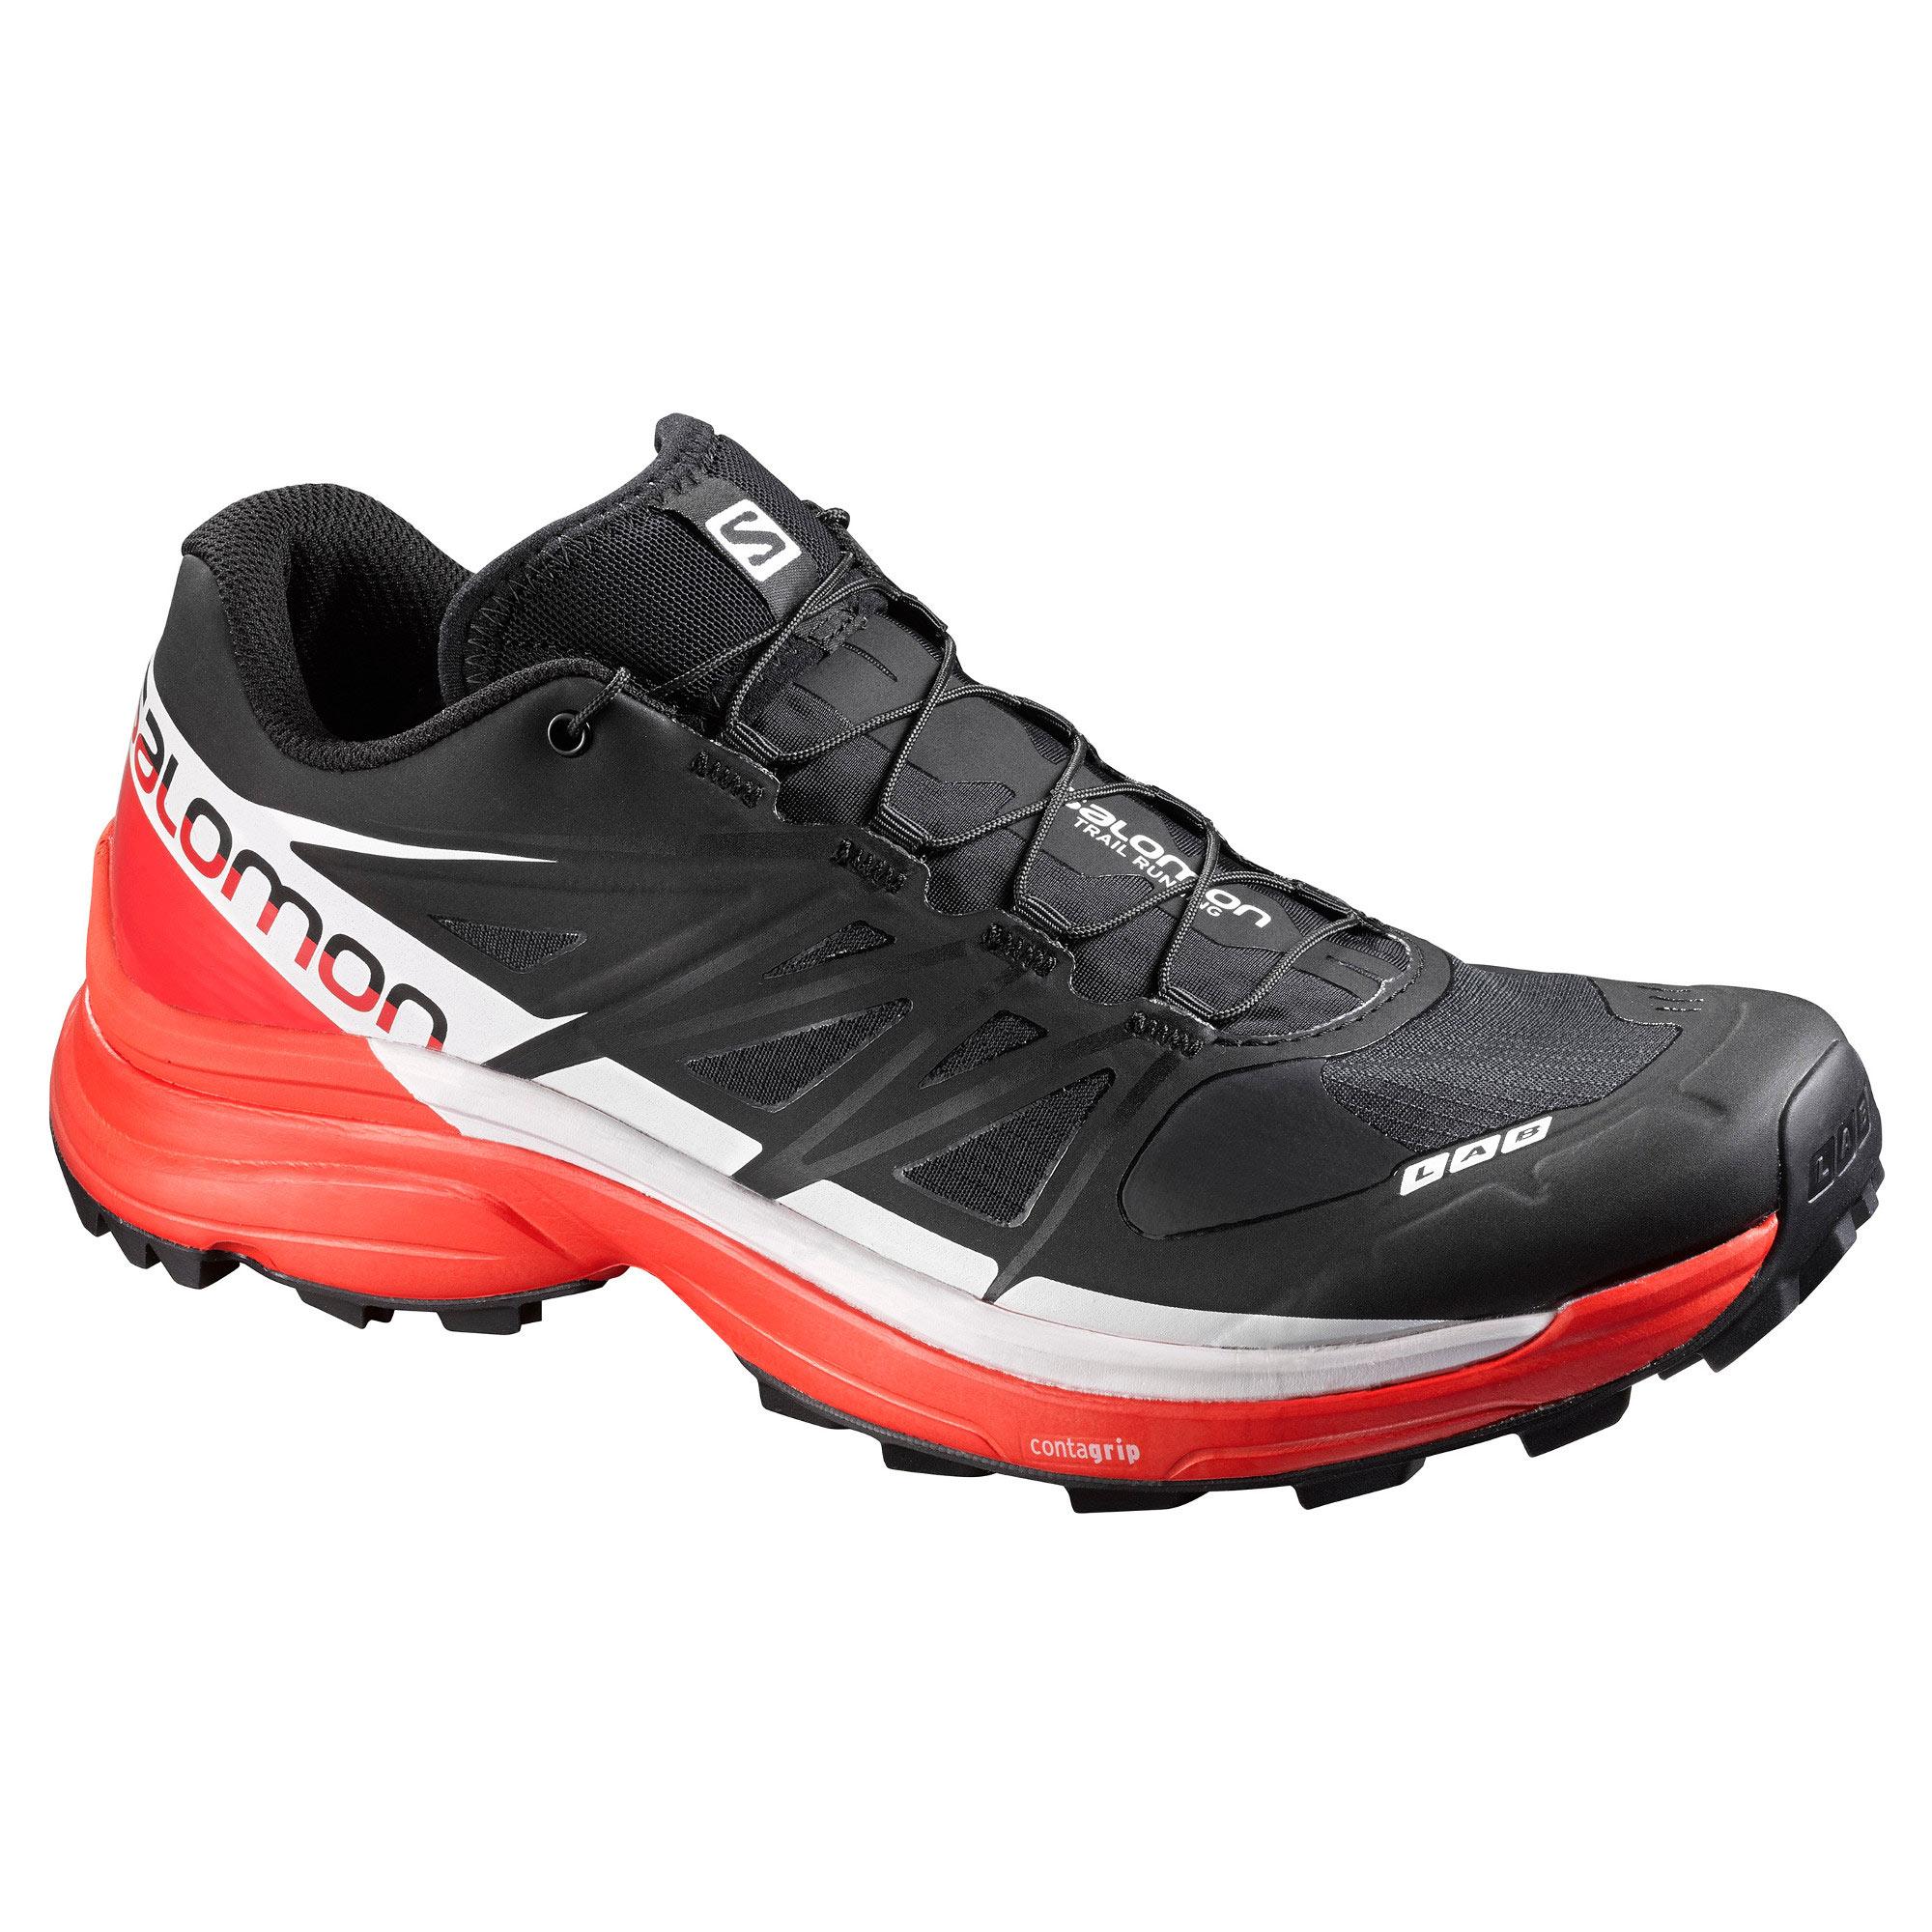 best service 11d96 f5653 Chaussures de Trail Salomon S-LAB WINGS 8 Soft Ground Noir   Rouge